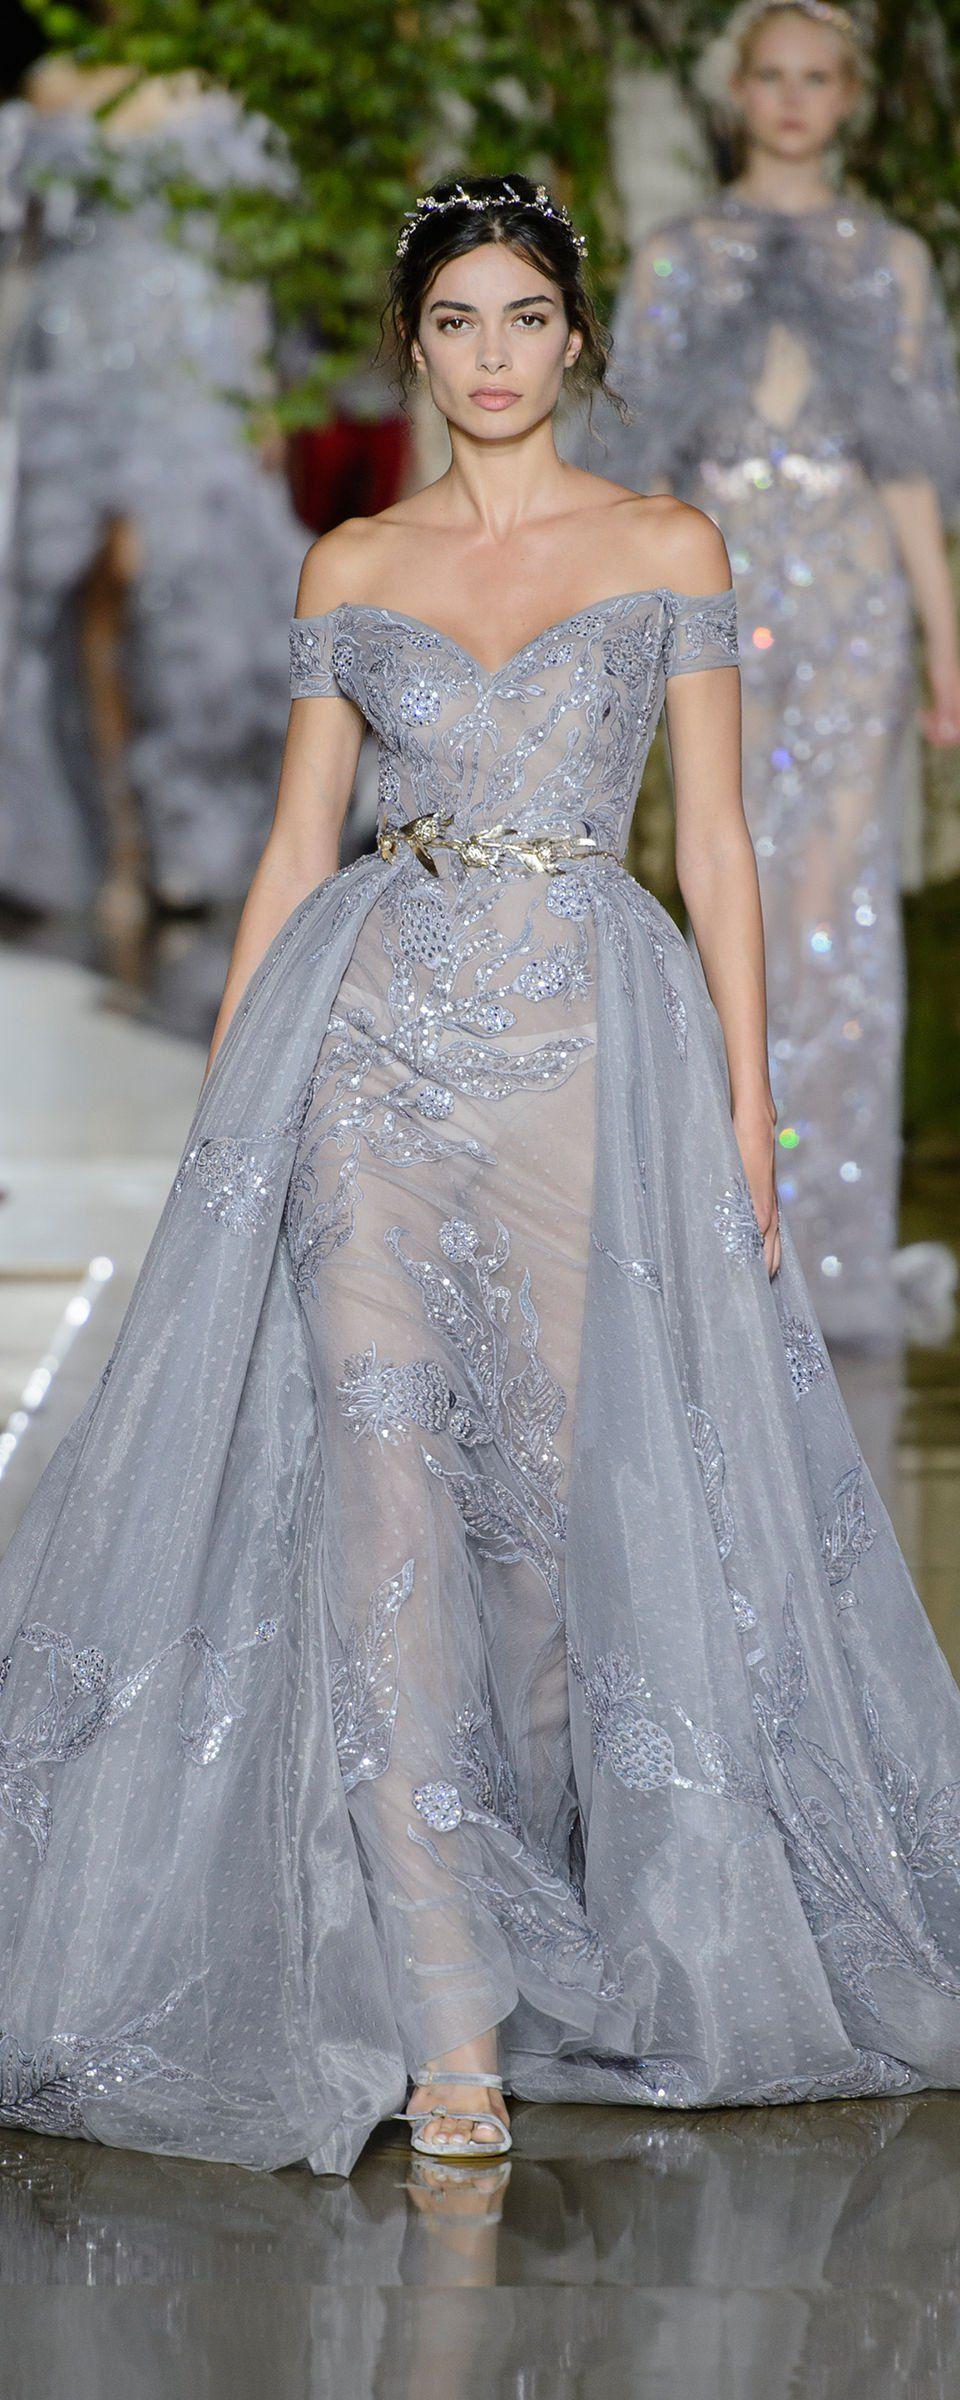 Серое платье свадебное блестящее